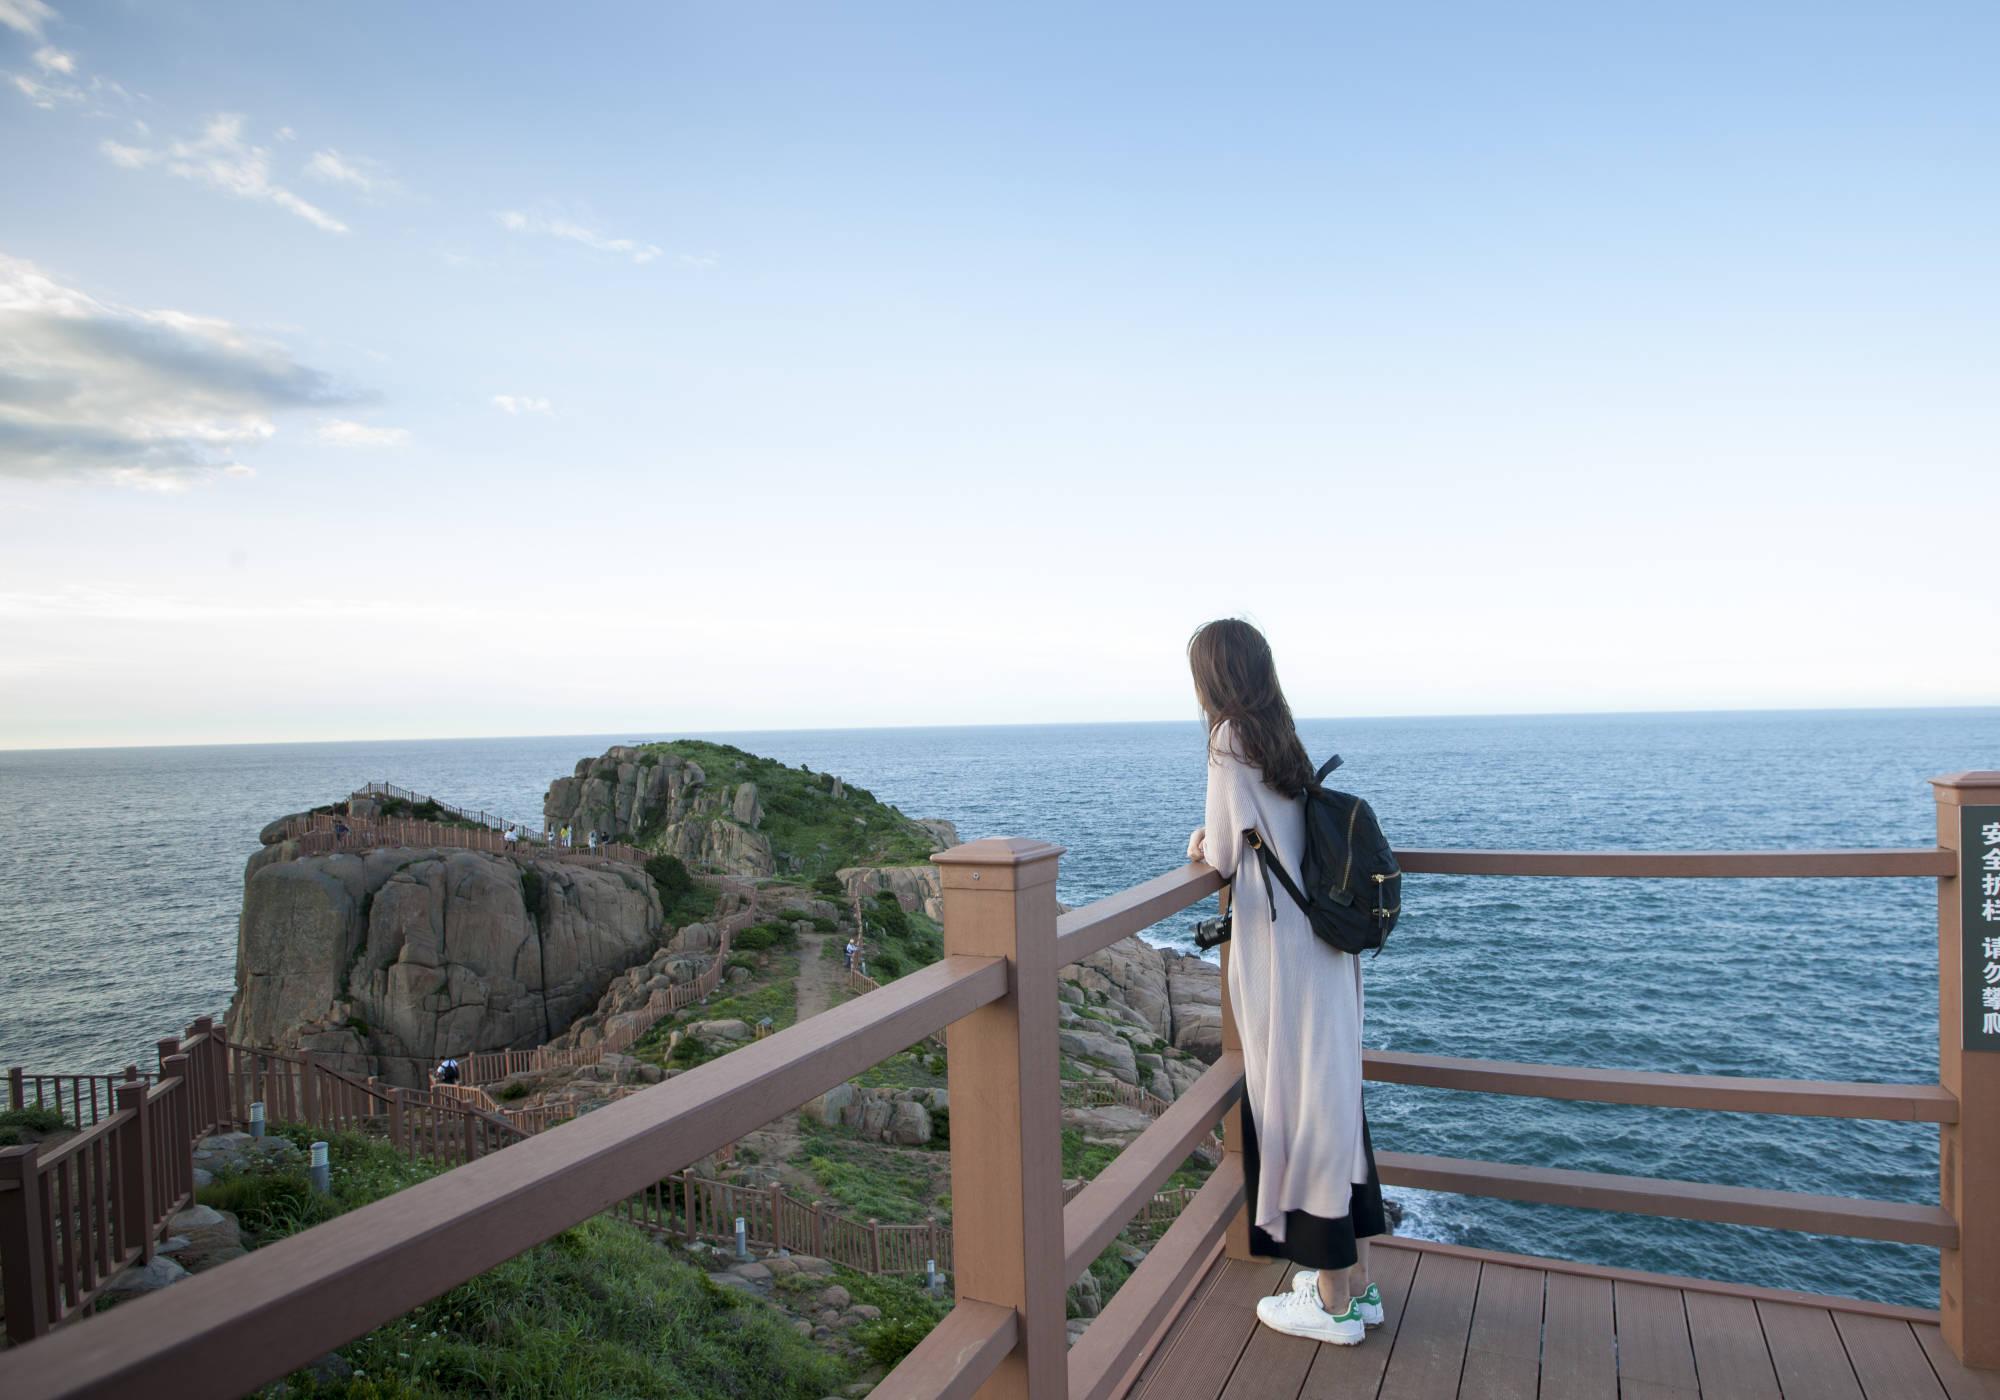 原创             中国最东边的海岛,有个怪现象,游客喜欢天没亮就往悬崖峭壁跑